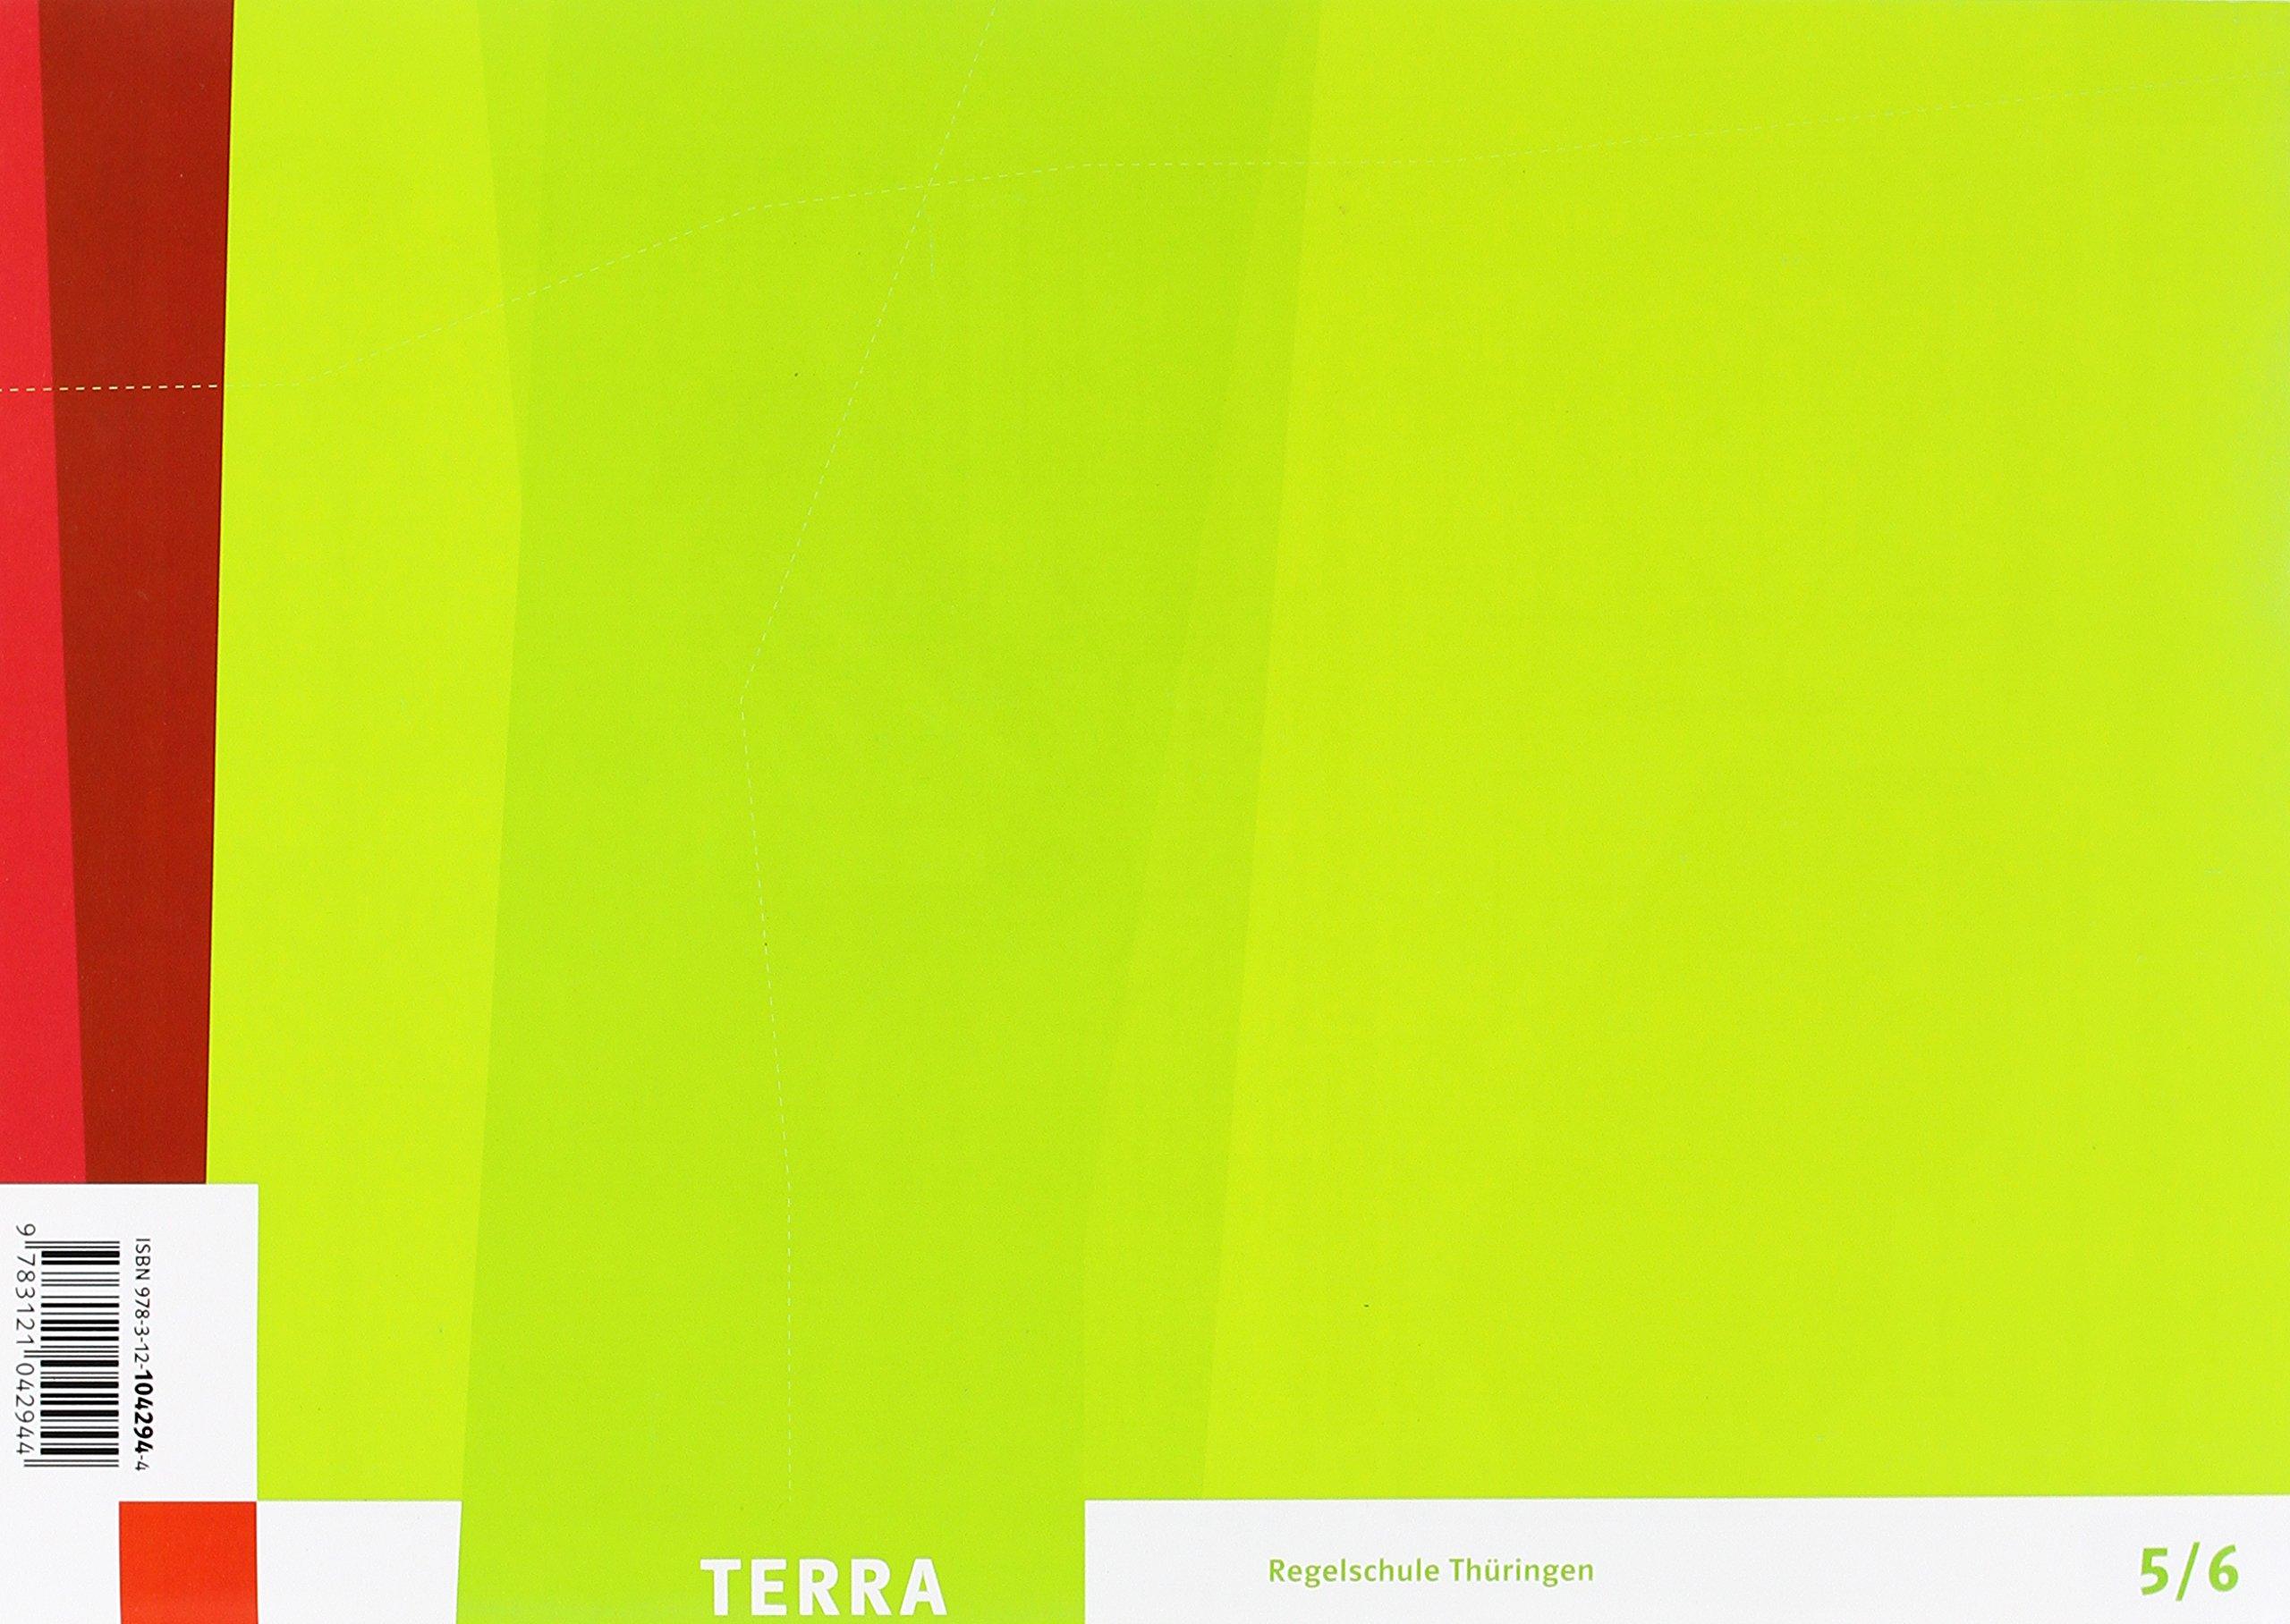 TERRA Geographie für Thüringen - Ausgabe für Regelschulen (Neubearbeitung) / Arbeitsheft Klasse 5/6 Taschenbuch – 1. September 2012 Klett 3121042947 Schulbücher Erdkunde